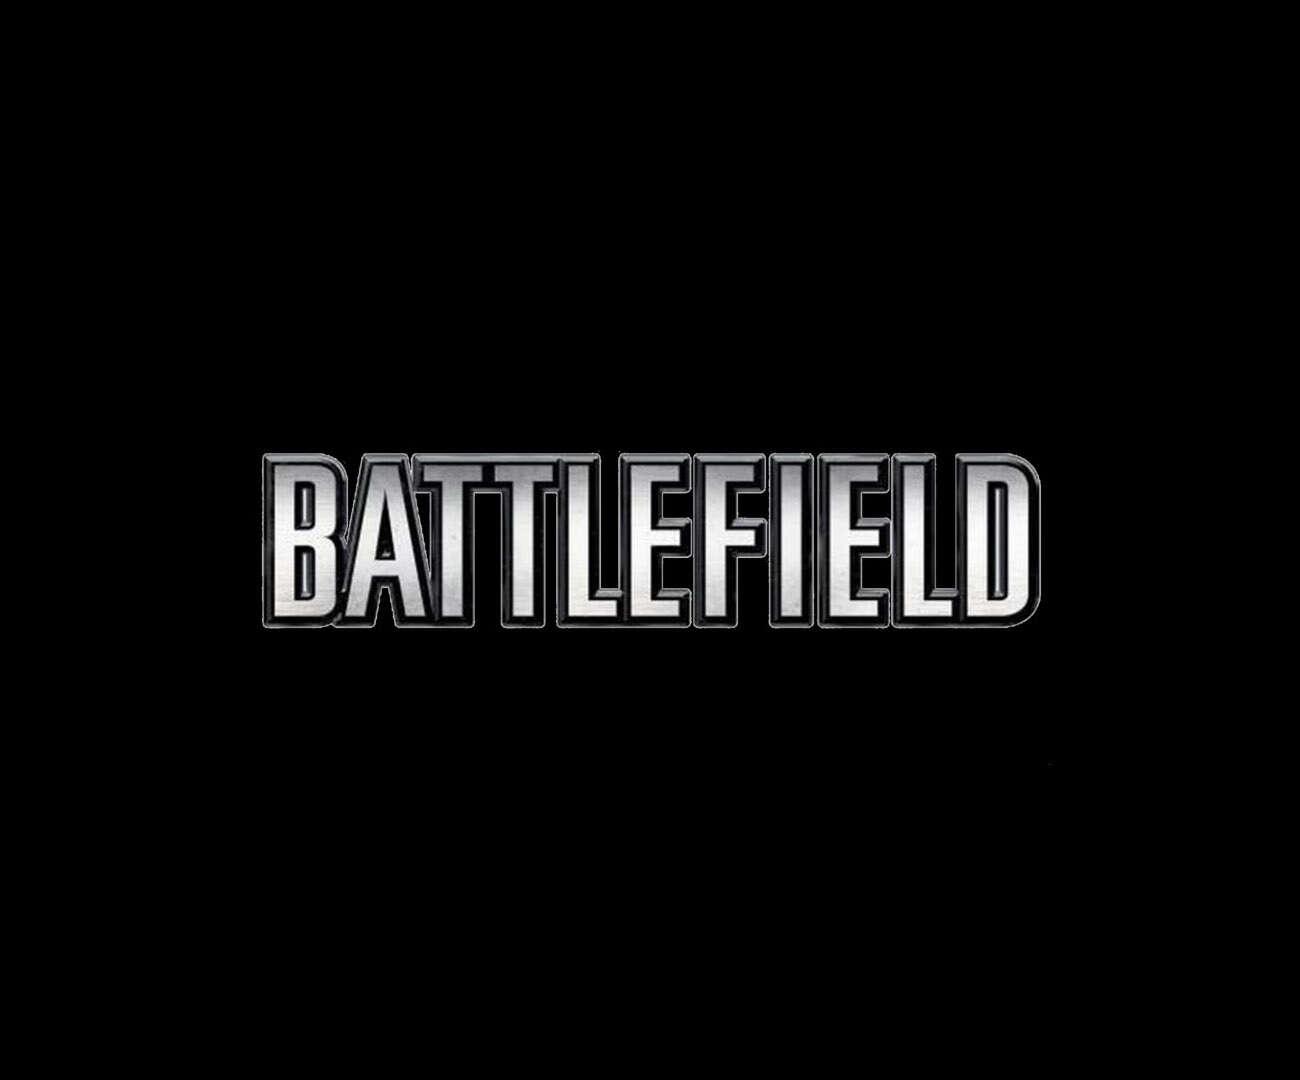 Battlefield 6 to reboot! Szczegóły nowej wersji gry nastrajają pozytywnie